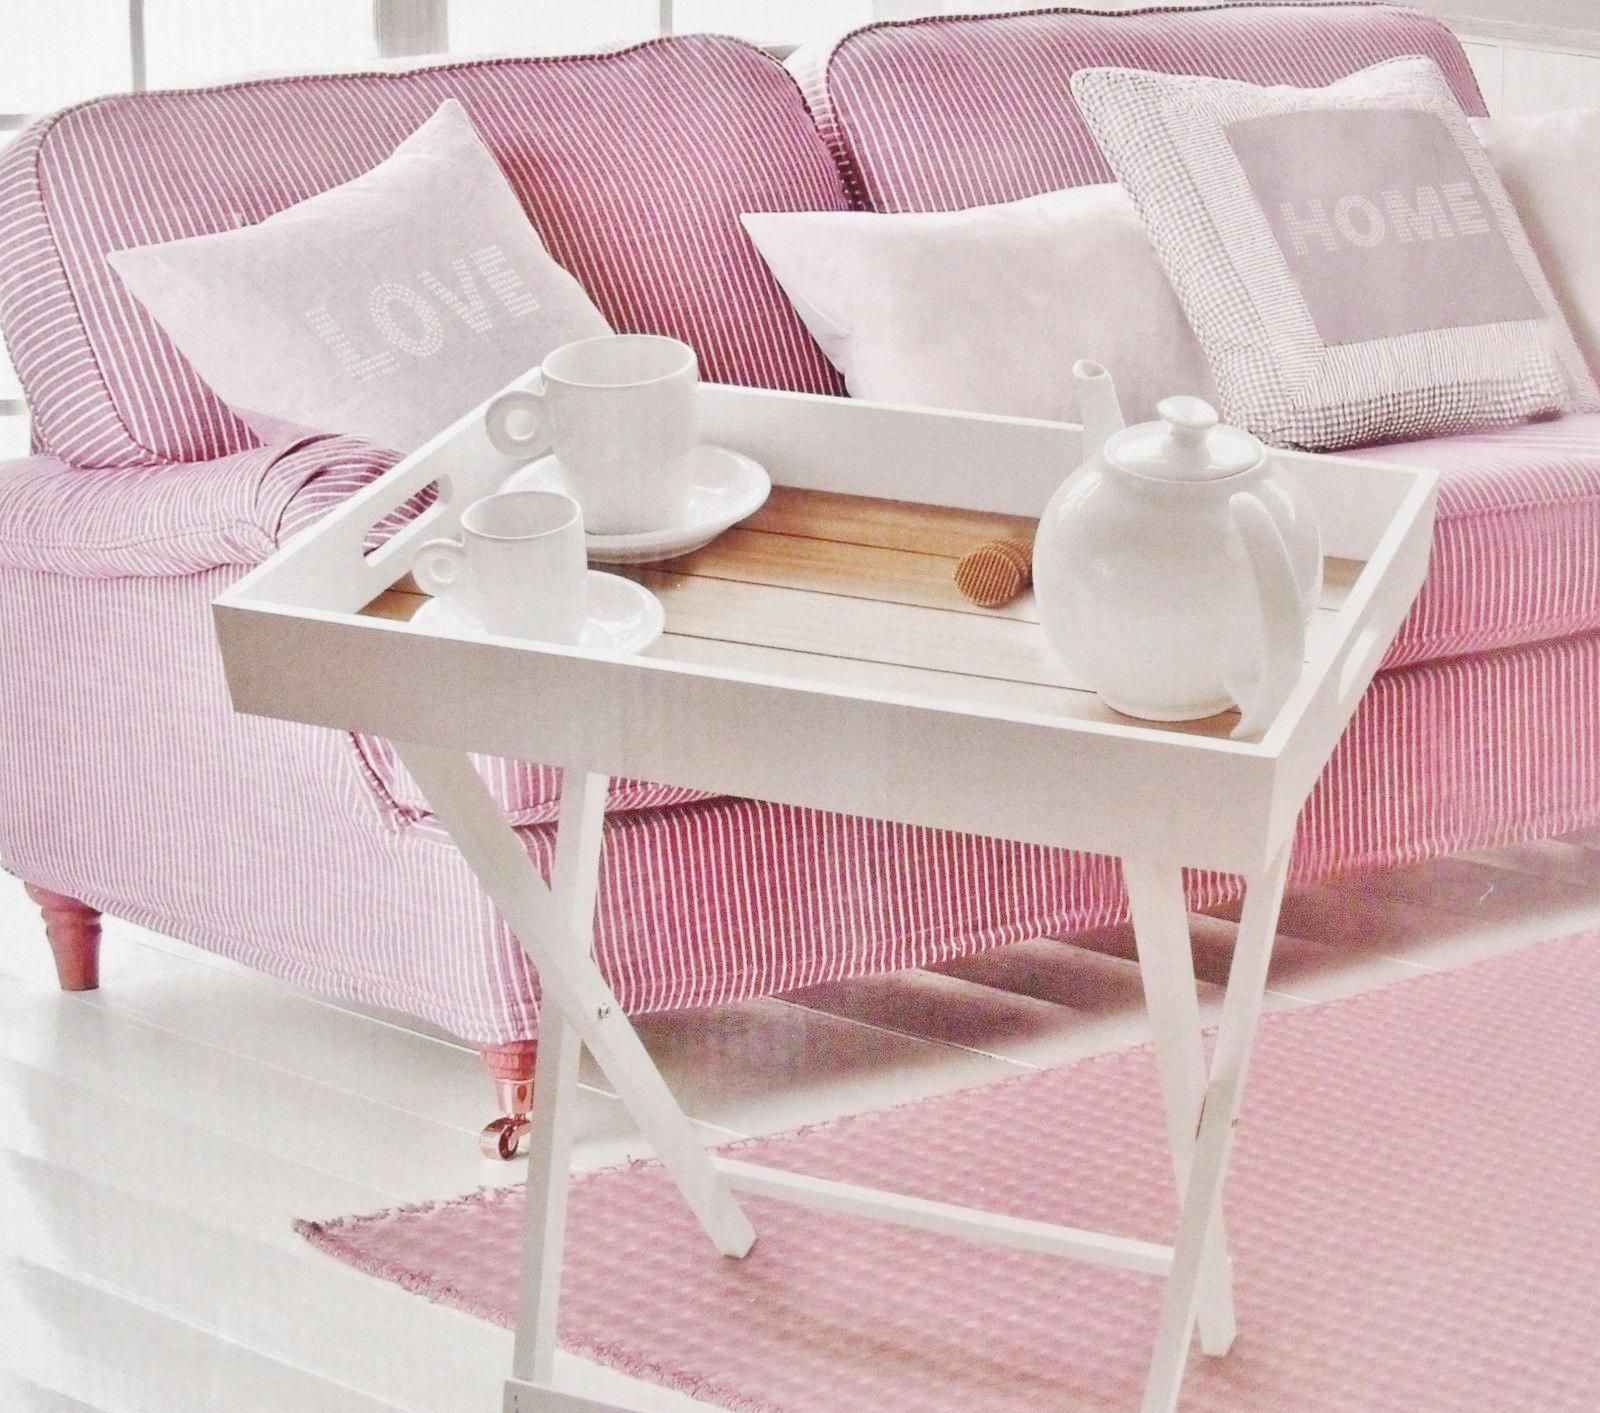 holz tisch raum und m beldesign inspiration. Black Bedroom Furniture Sets. Home Design Ideas